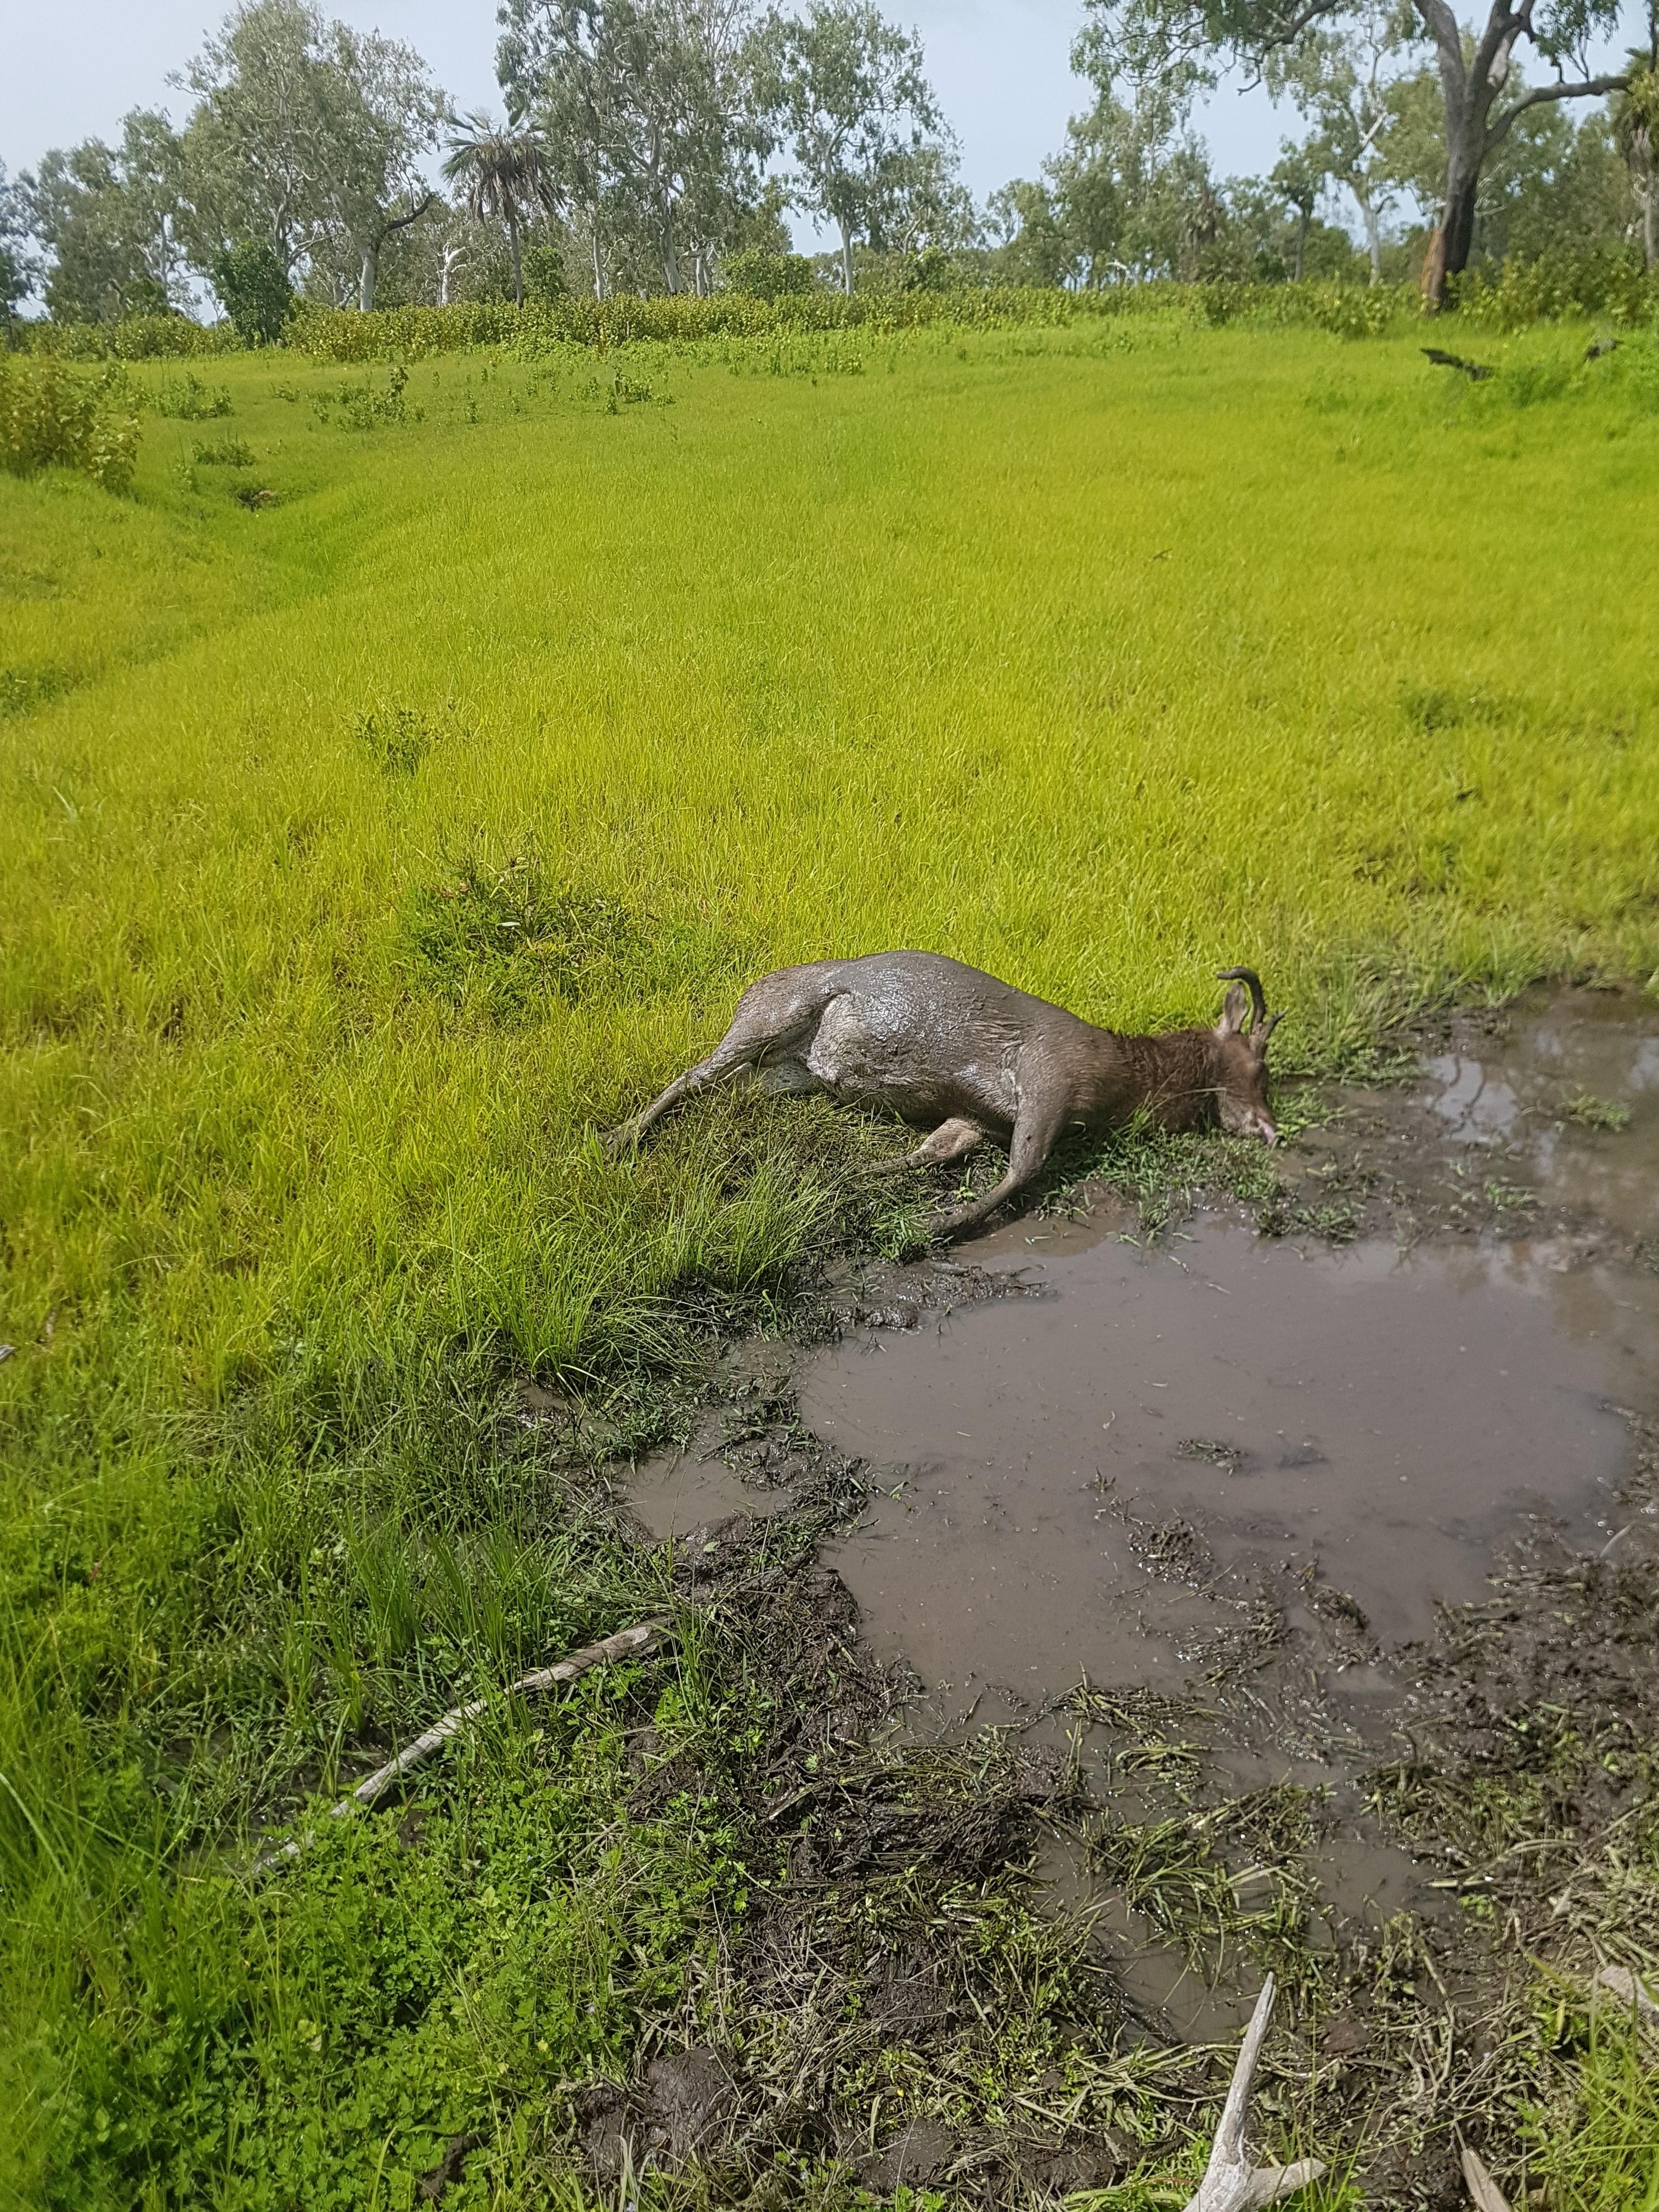 20190301_105151.jpg Rusa deer shot in swampy country.jpg